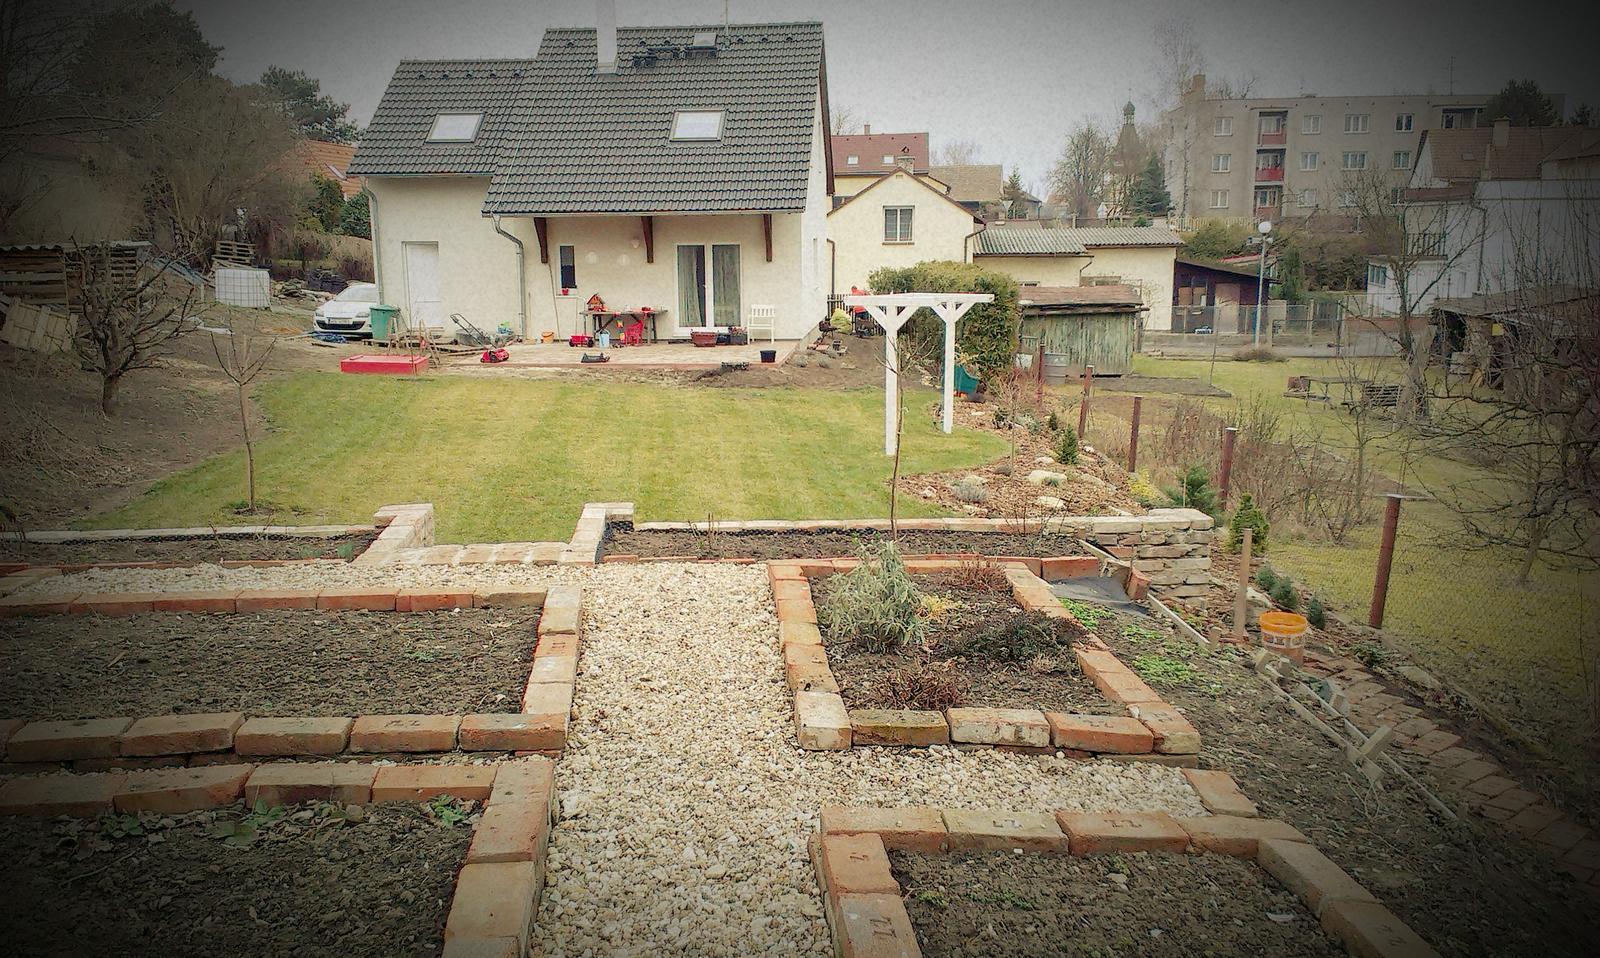 Záhrada - Březen/2015